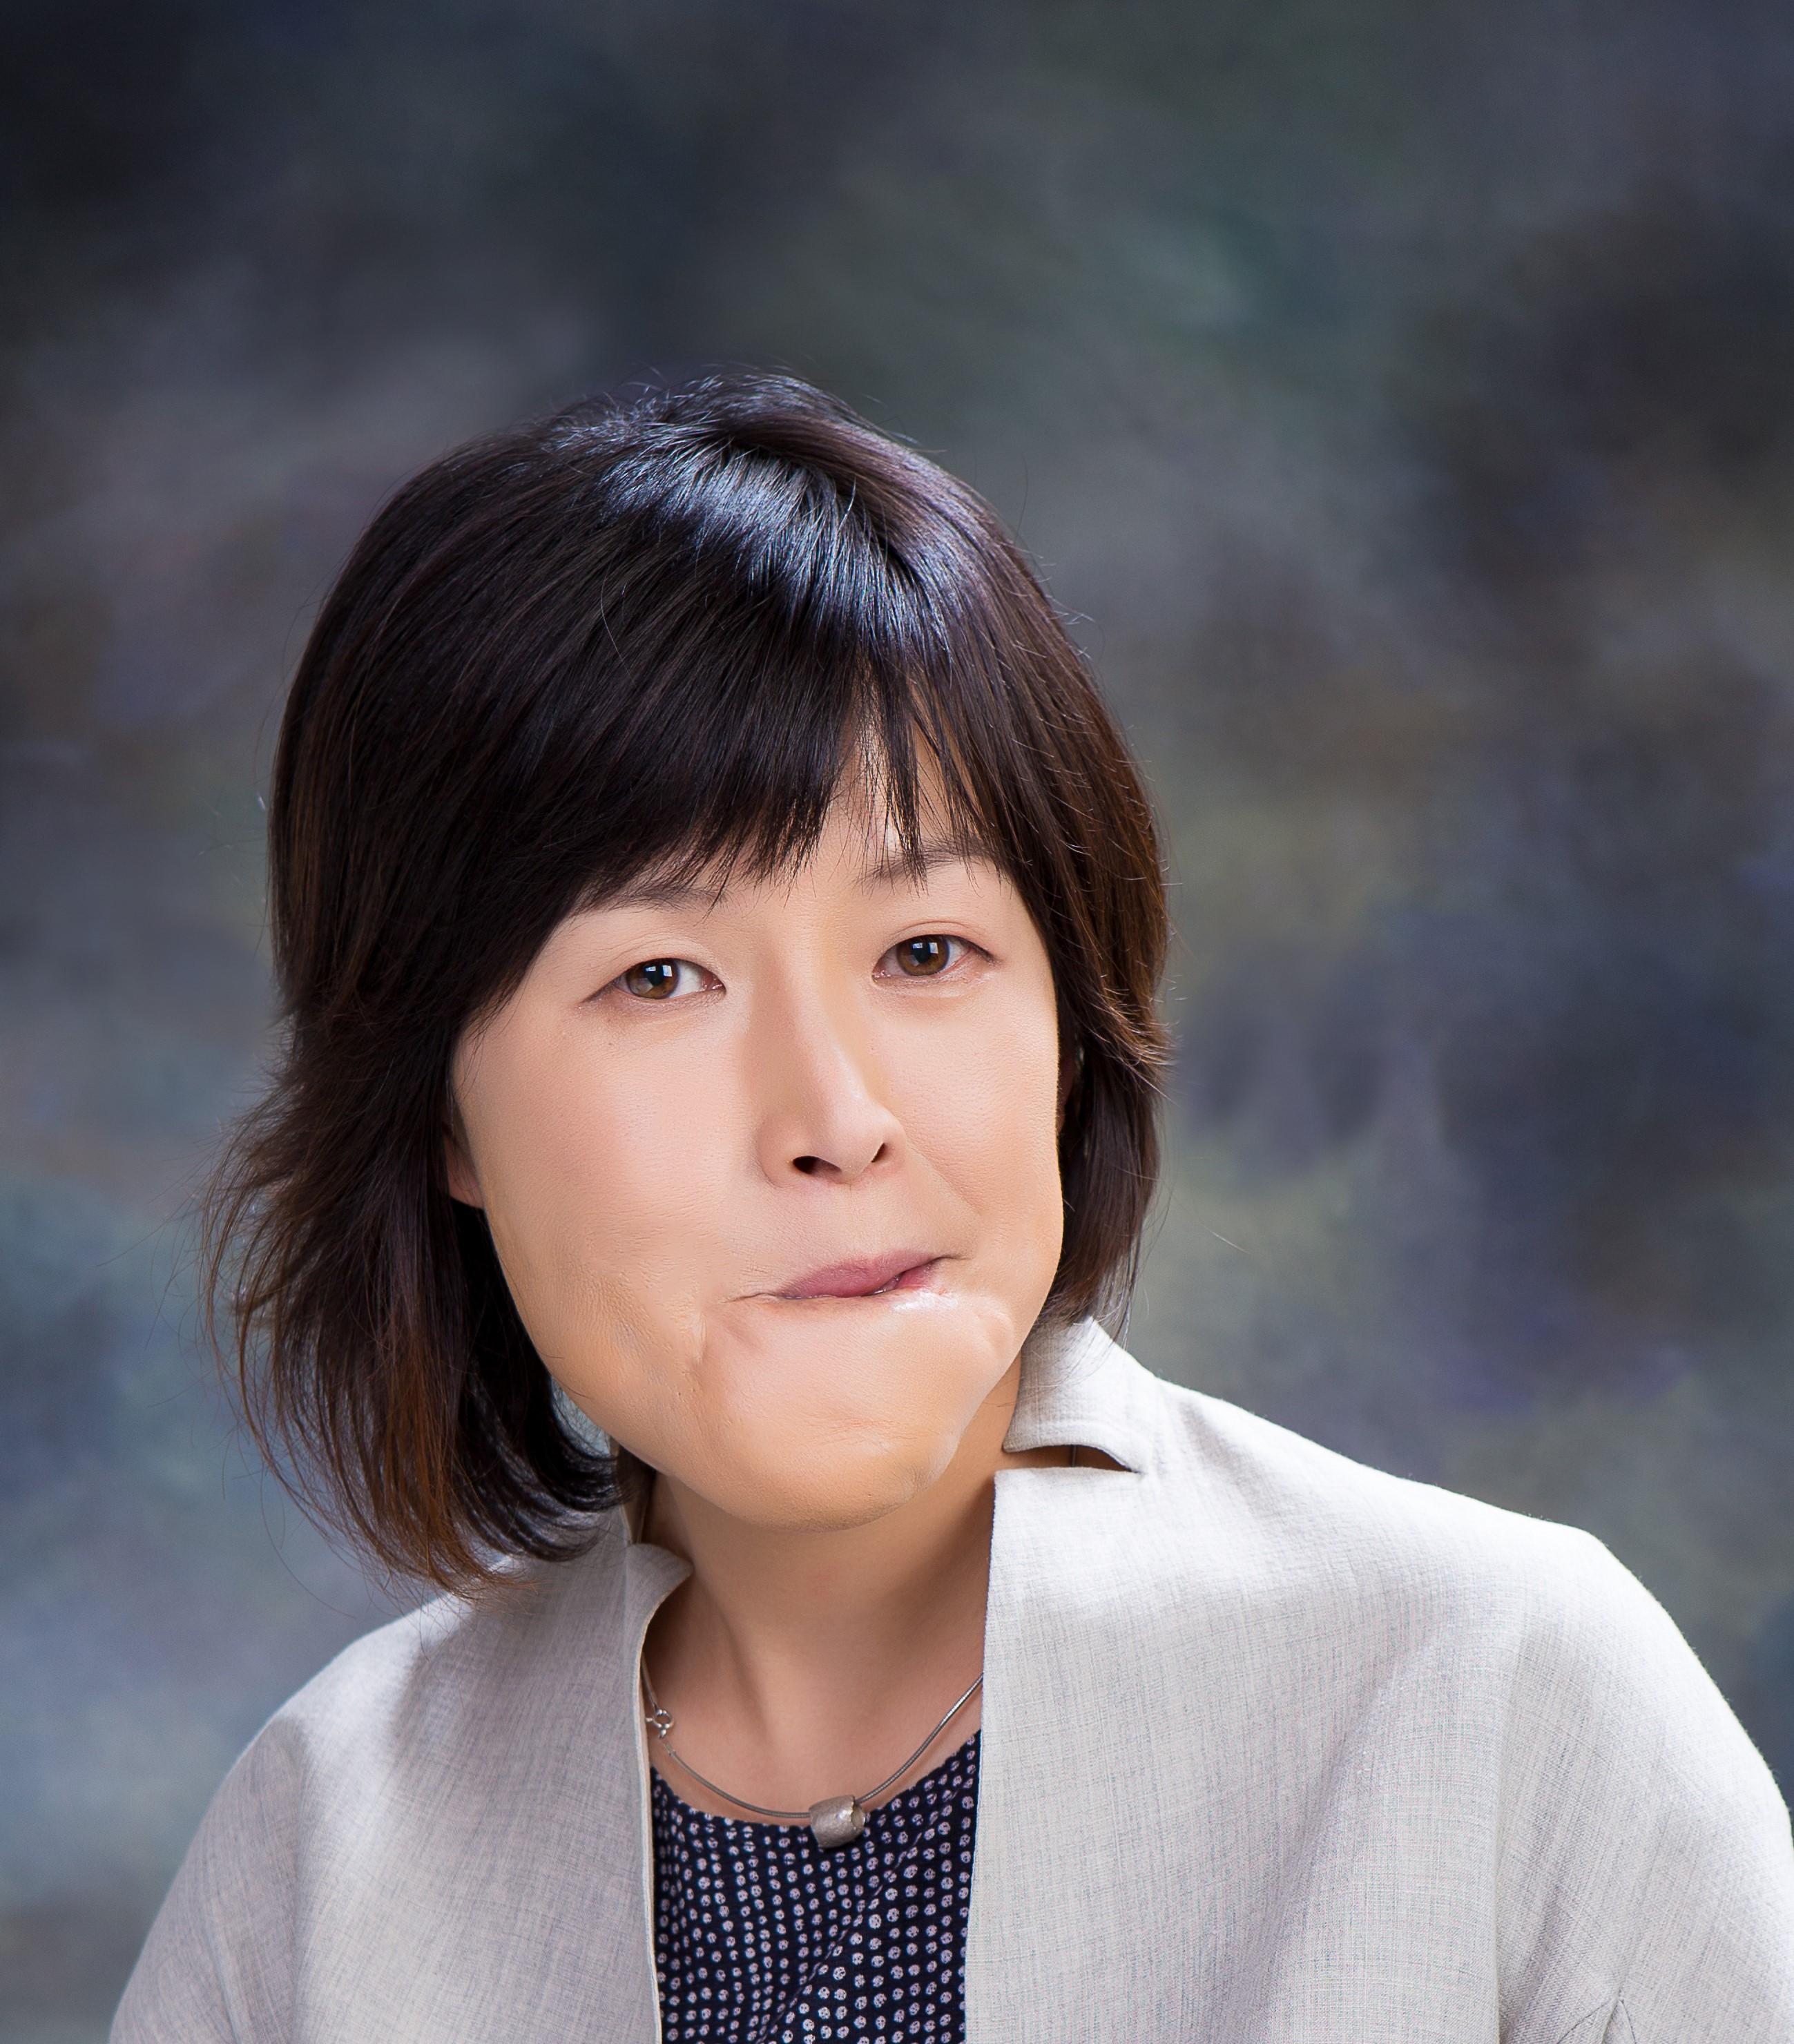 김혜정(金?貞) 교수님 사진